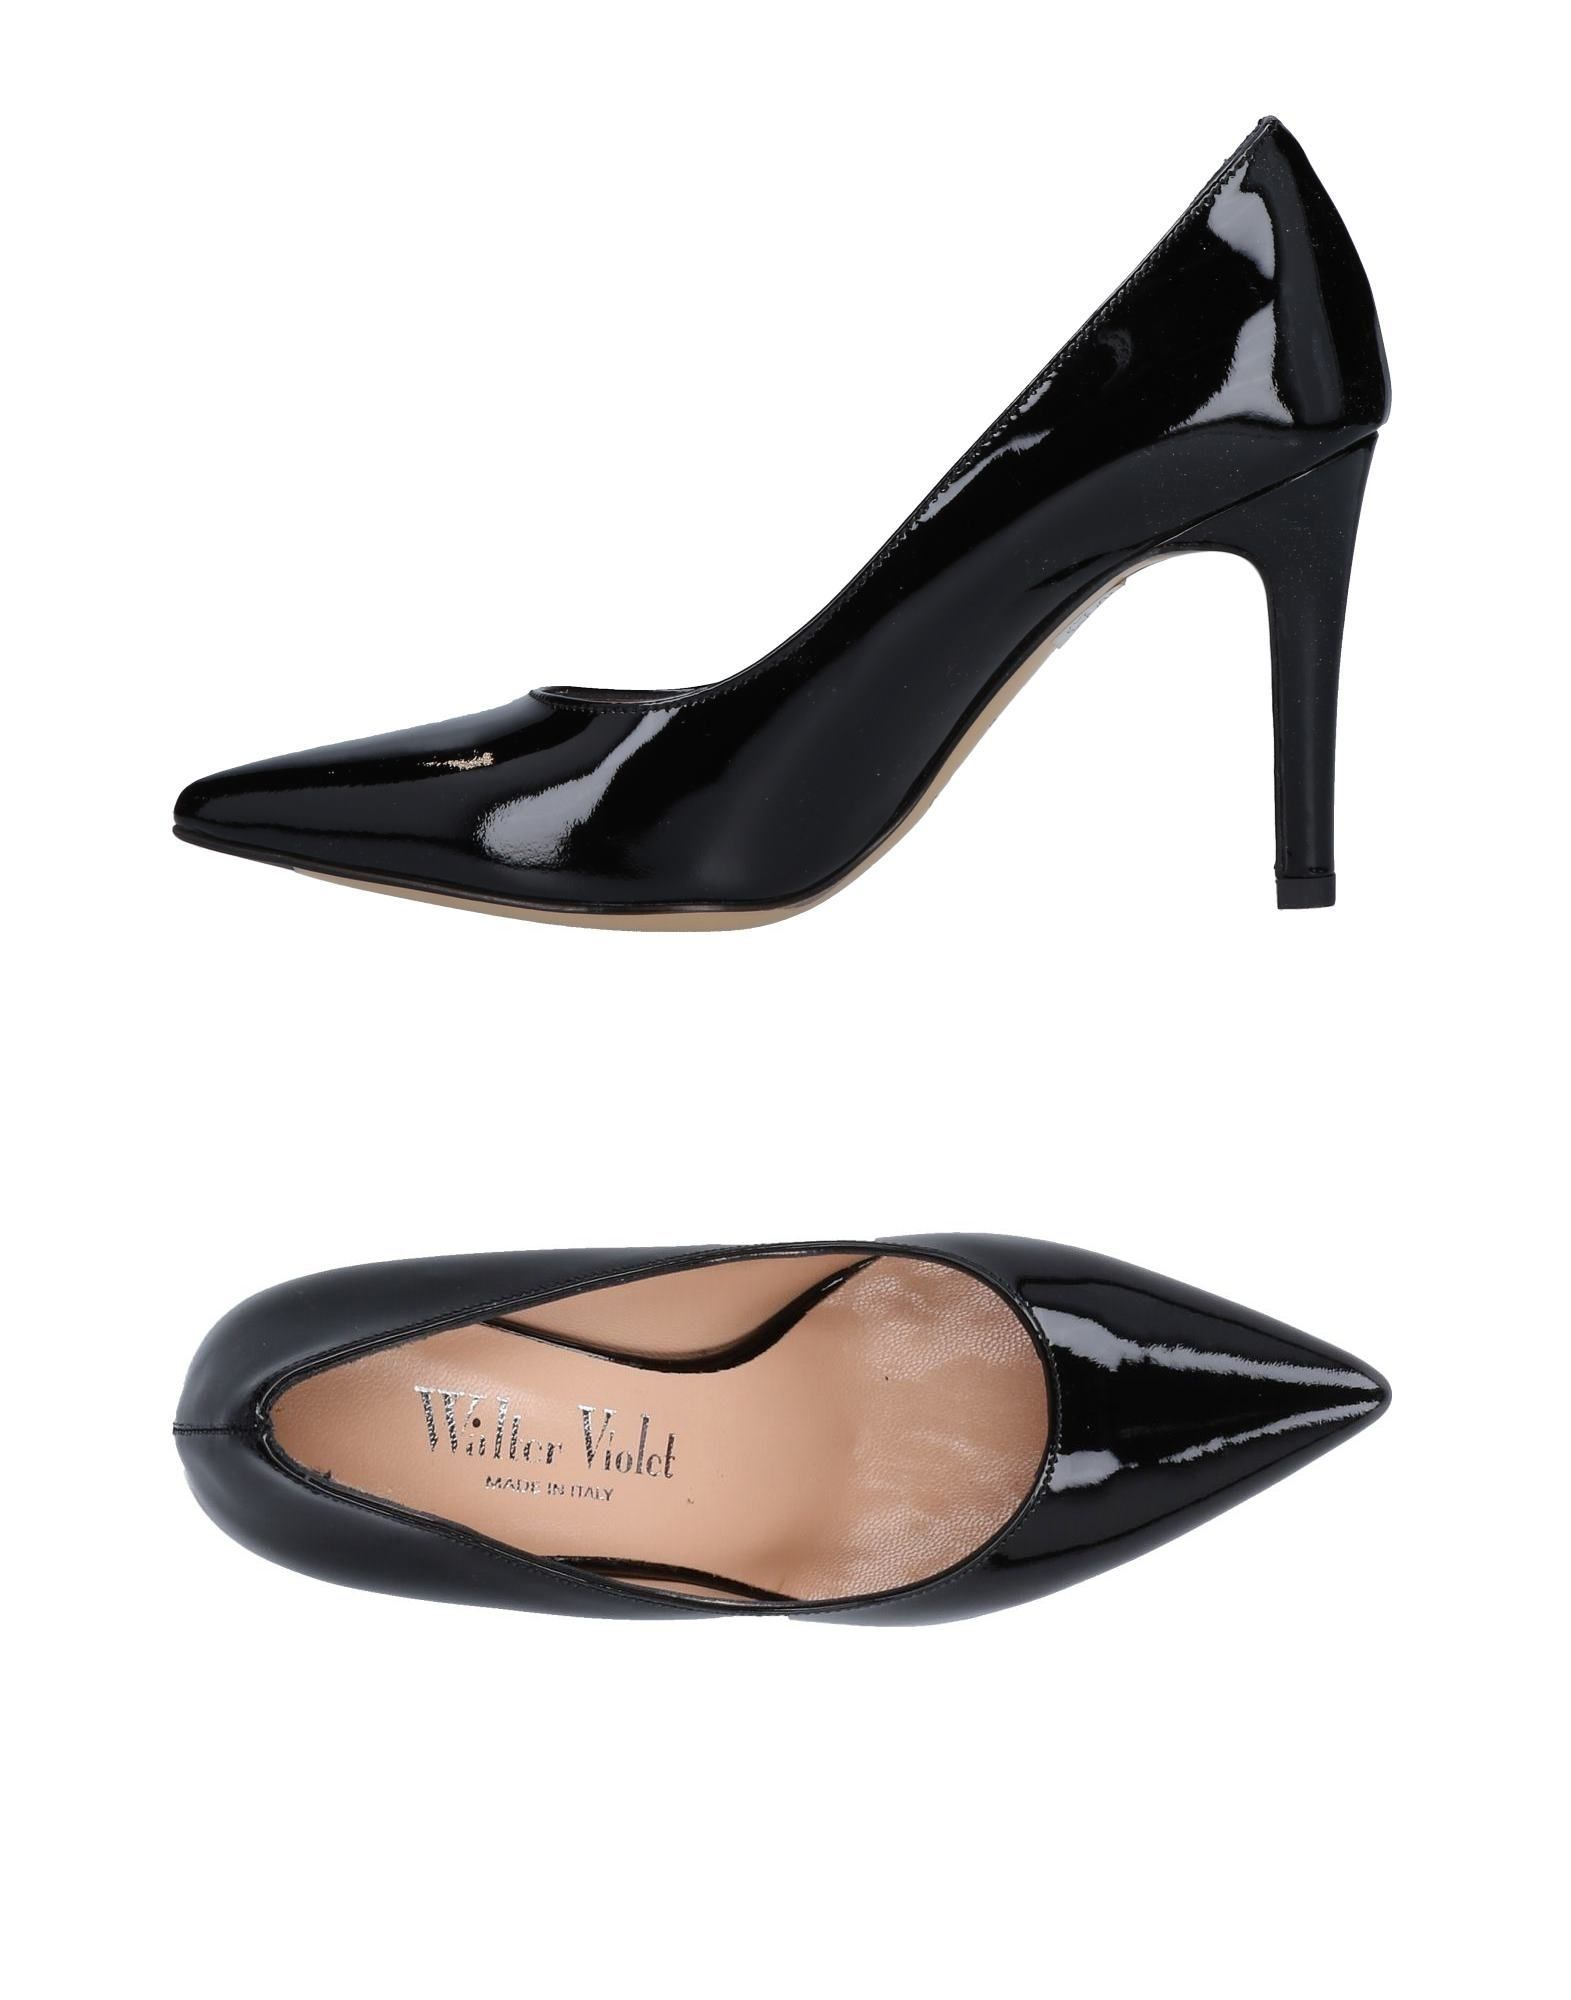 Walter Violet Pumps Damen  11502762FW Gute Qualität beliebte beliebte beliebte Schuhe 0ec8ef